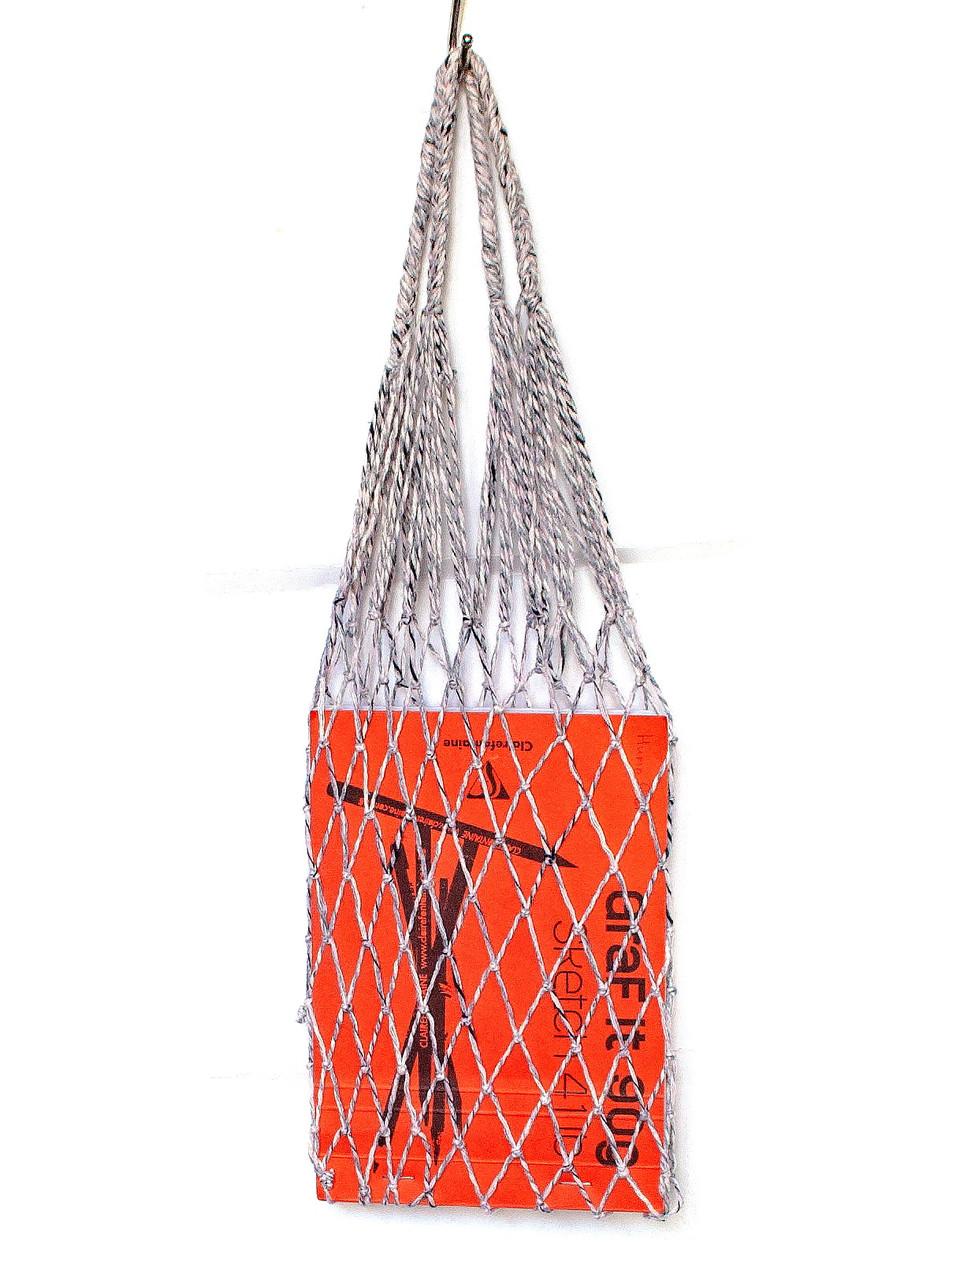 Сумка для покупок - Уникальная сумка - Авоська мини - Эксклюзивная сумка